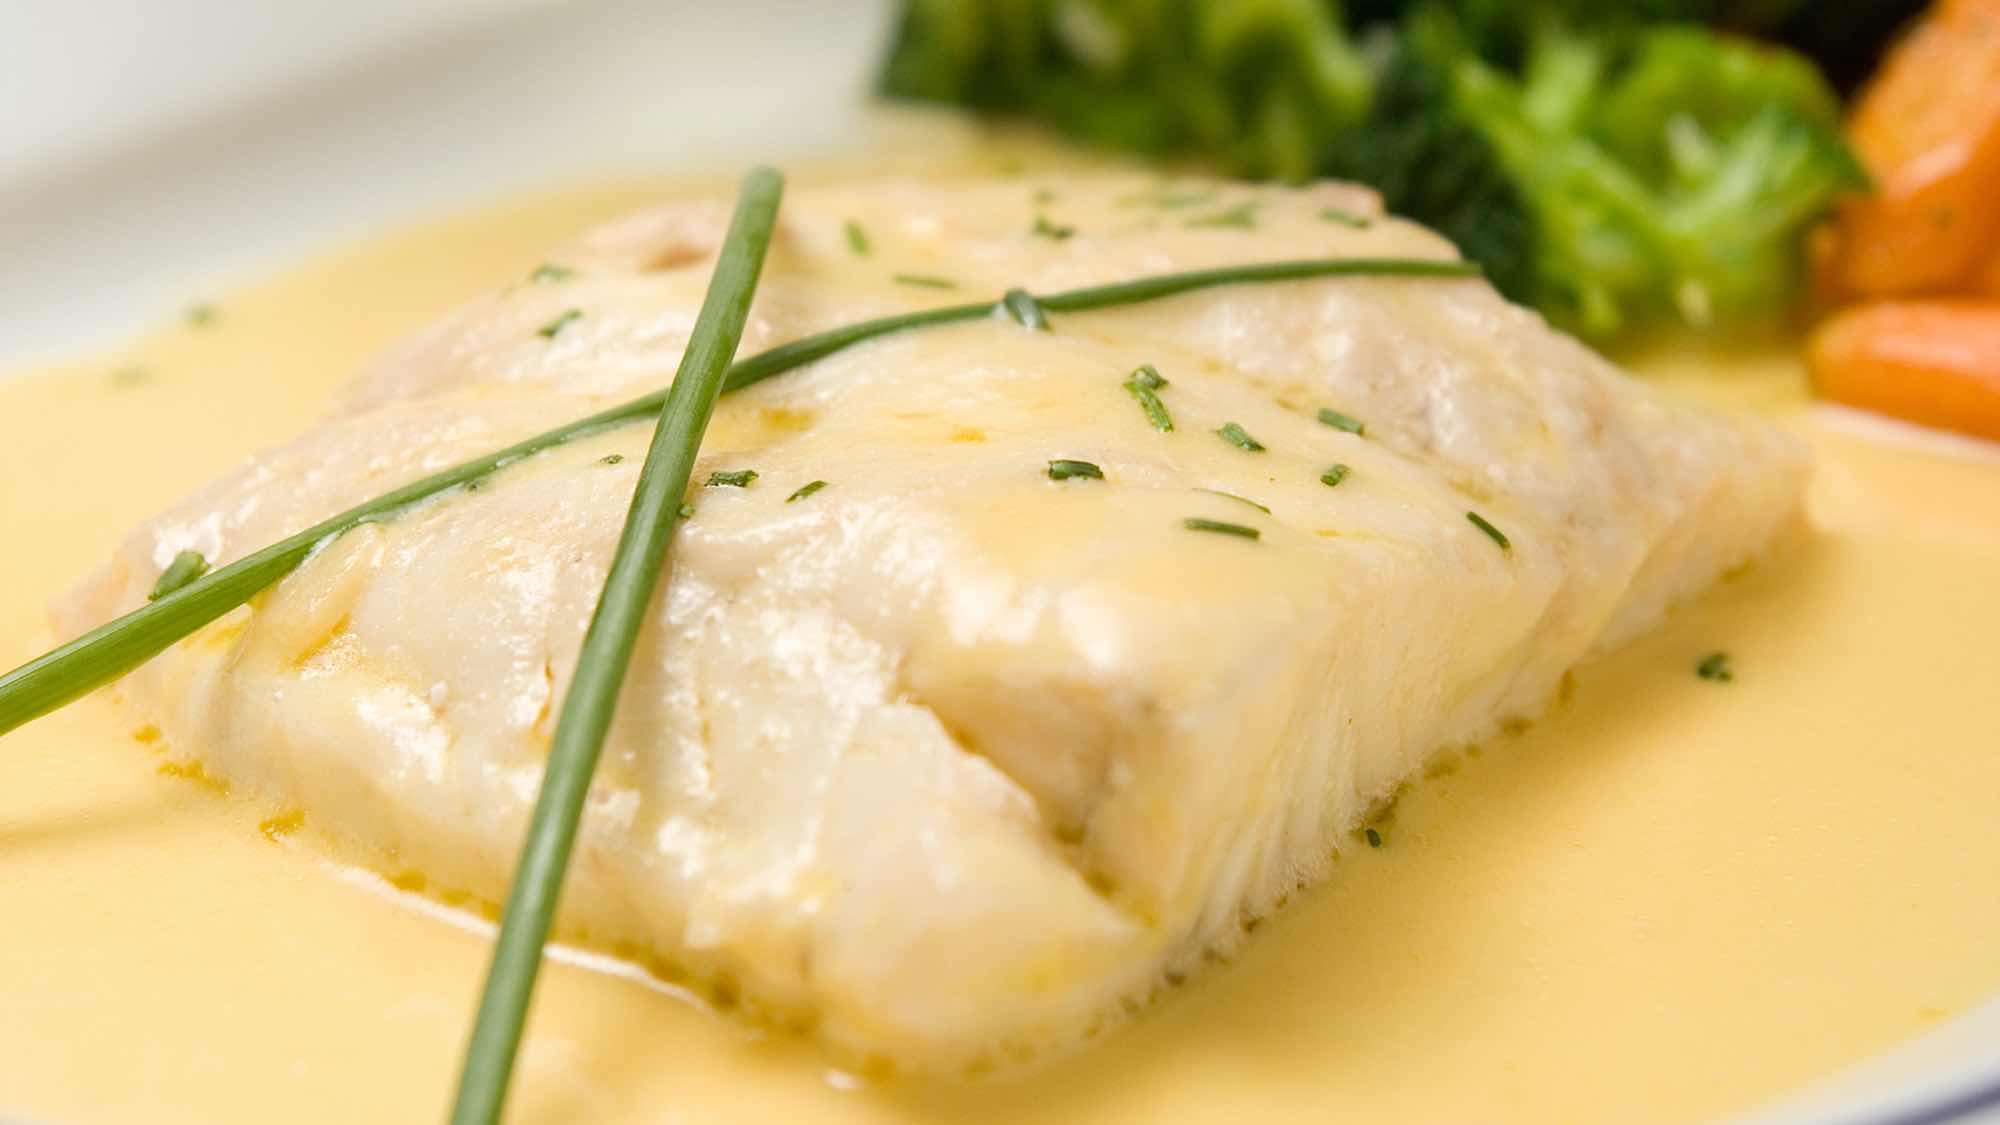 Домашние соусы к мясу и рыбе: рецепты с фото. как приготовить недорогой и полезный соус в домашних условиях? | qulady